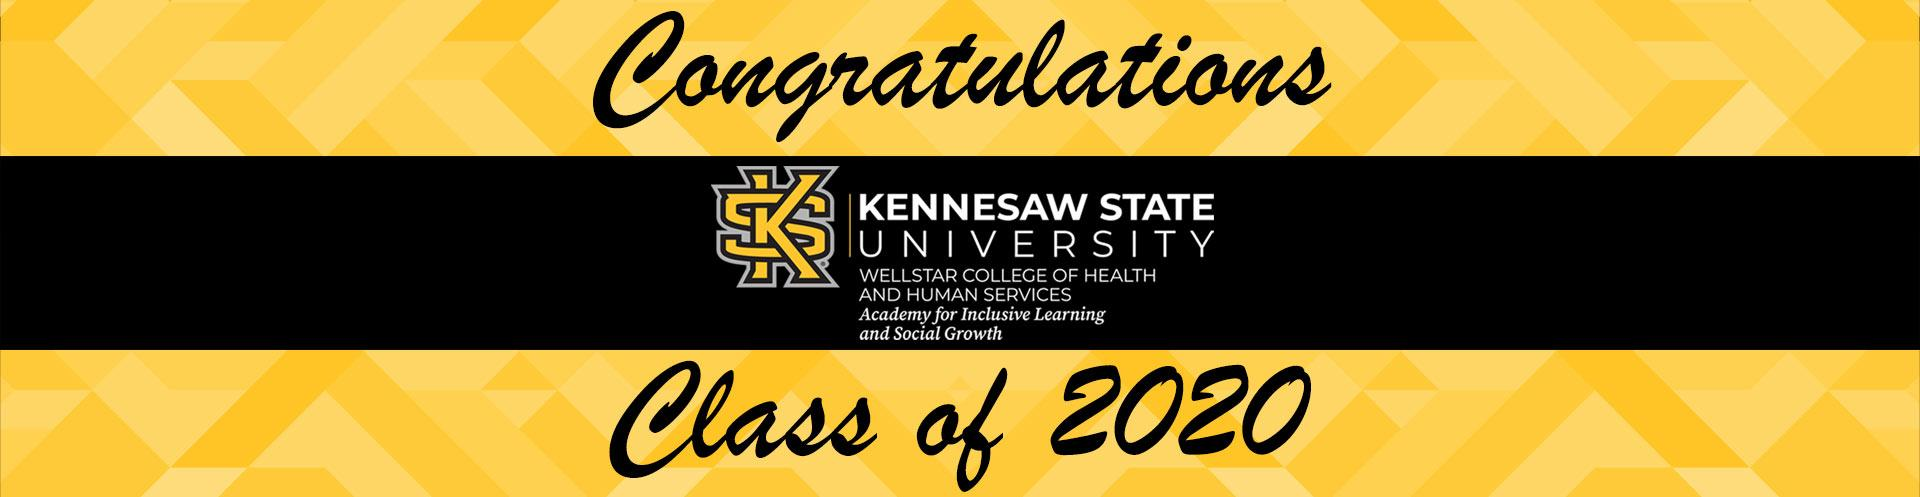 Academy's Graduates of 2020